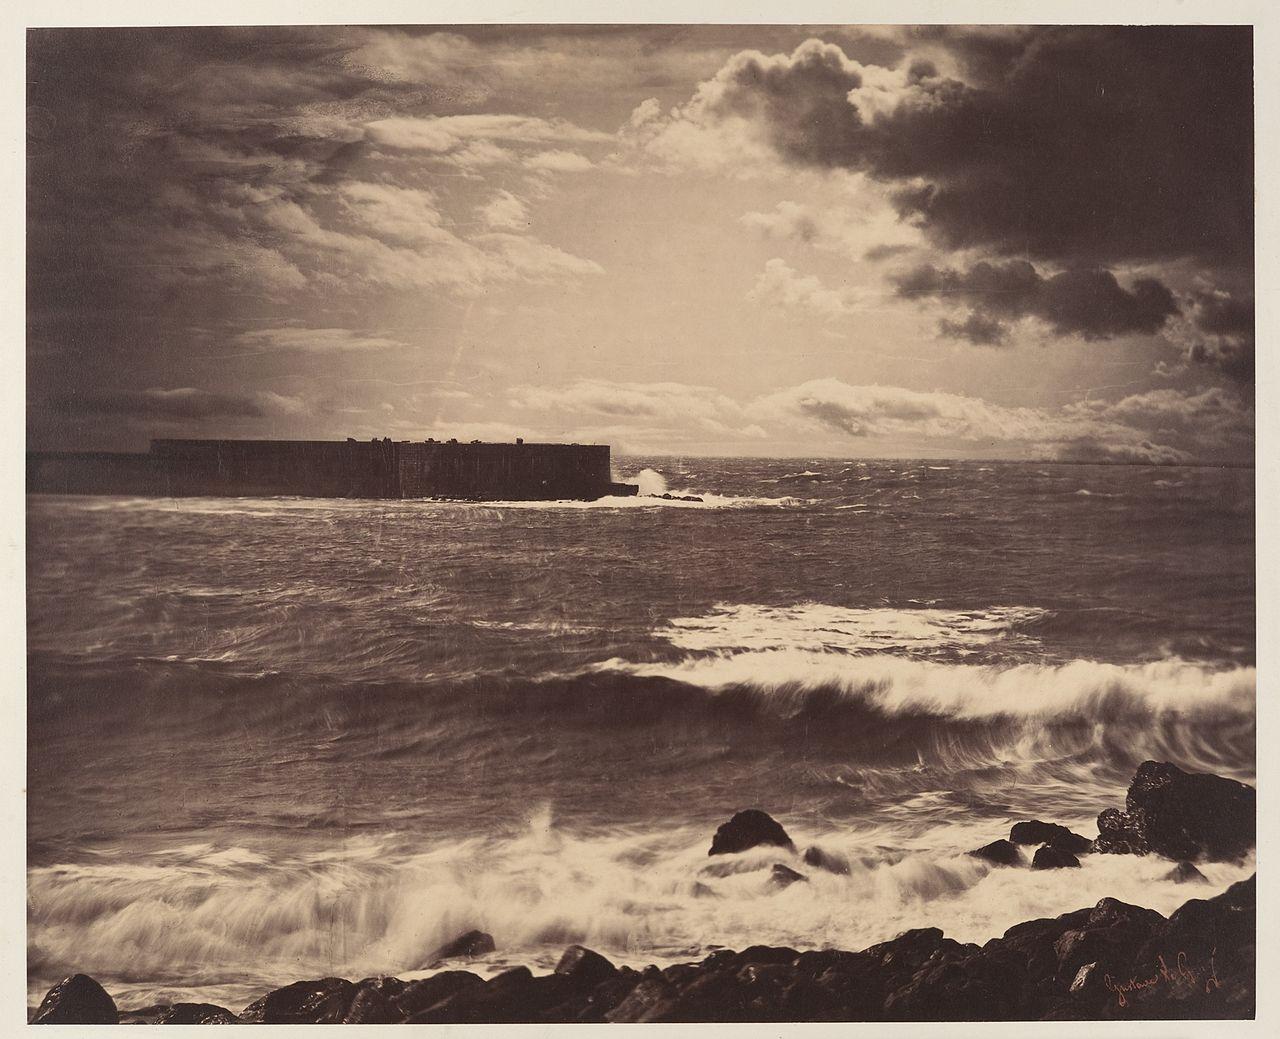 Gustave Le Gray Photographie Photographie Du Ciel Histoire De La Photographie